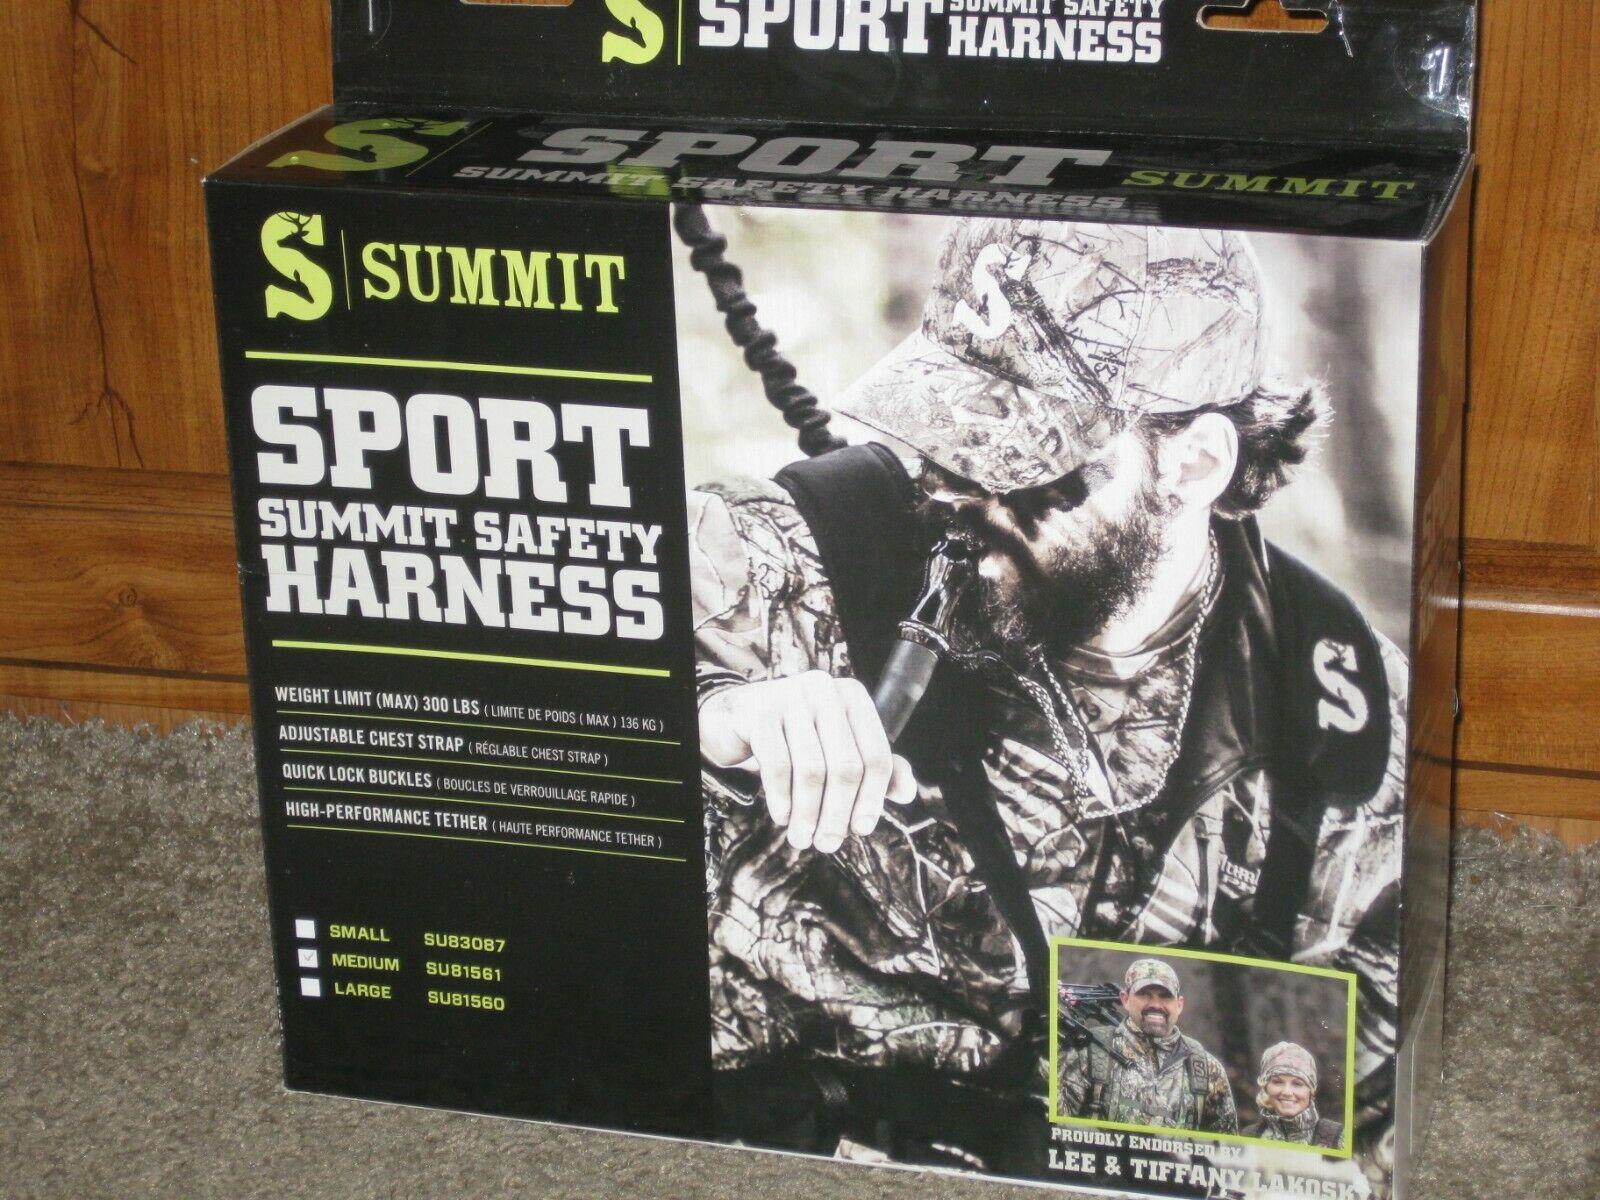 NEW Summit Sport Treestand Safety Harness Talla Medium SU81561